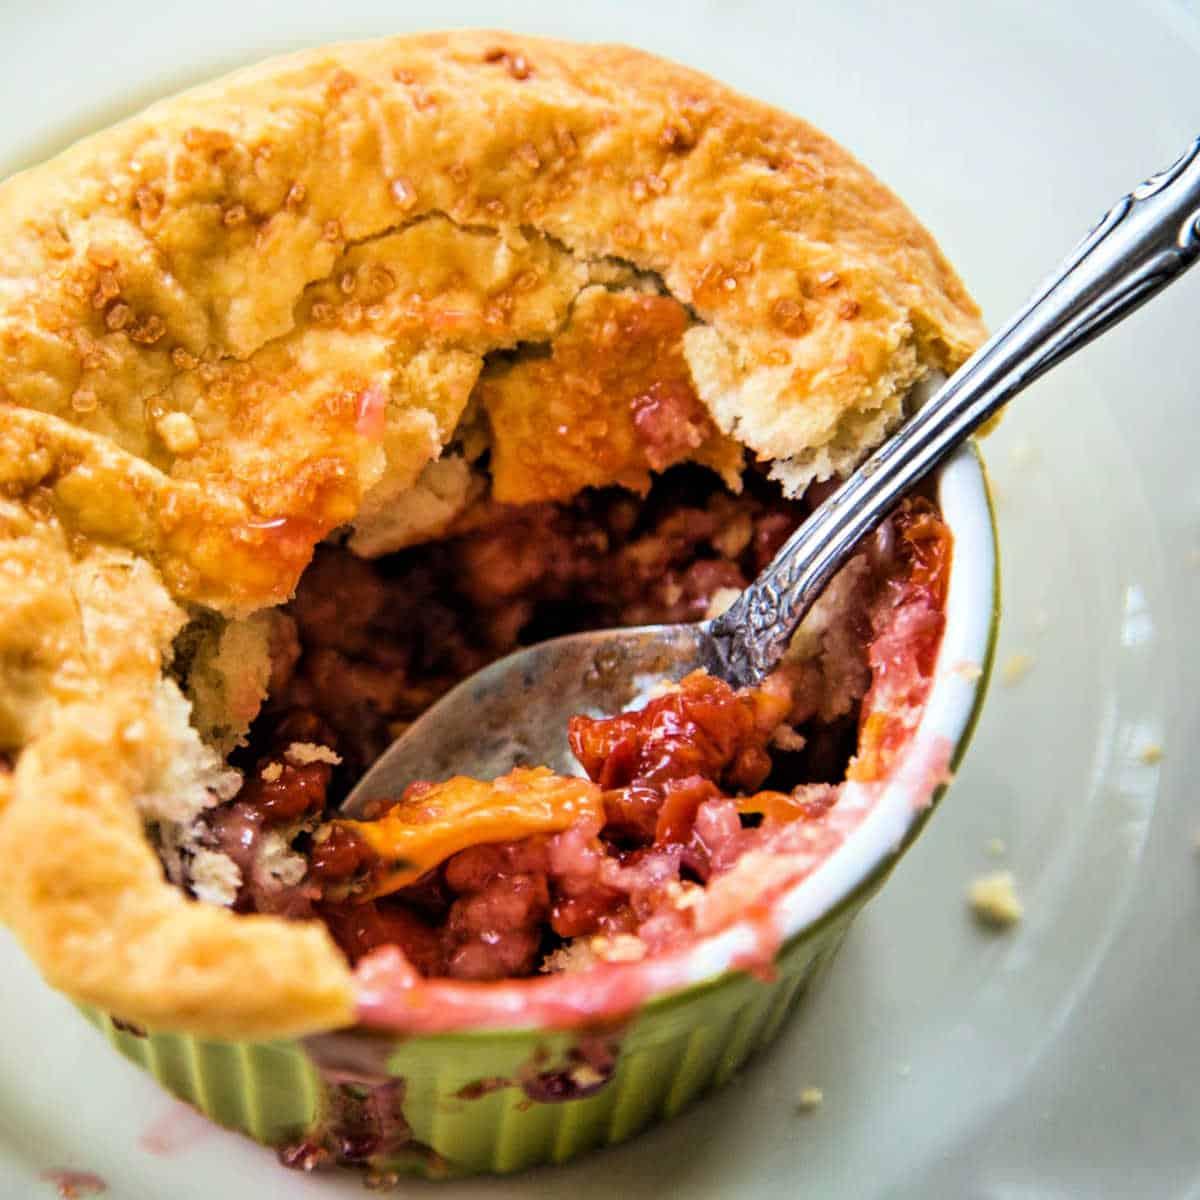 a half eaten cherry pot pie